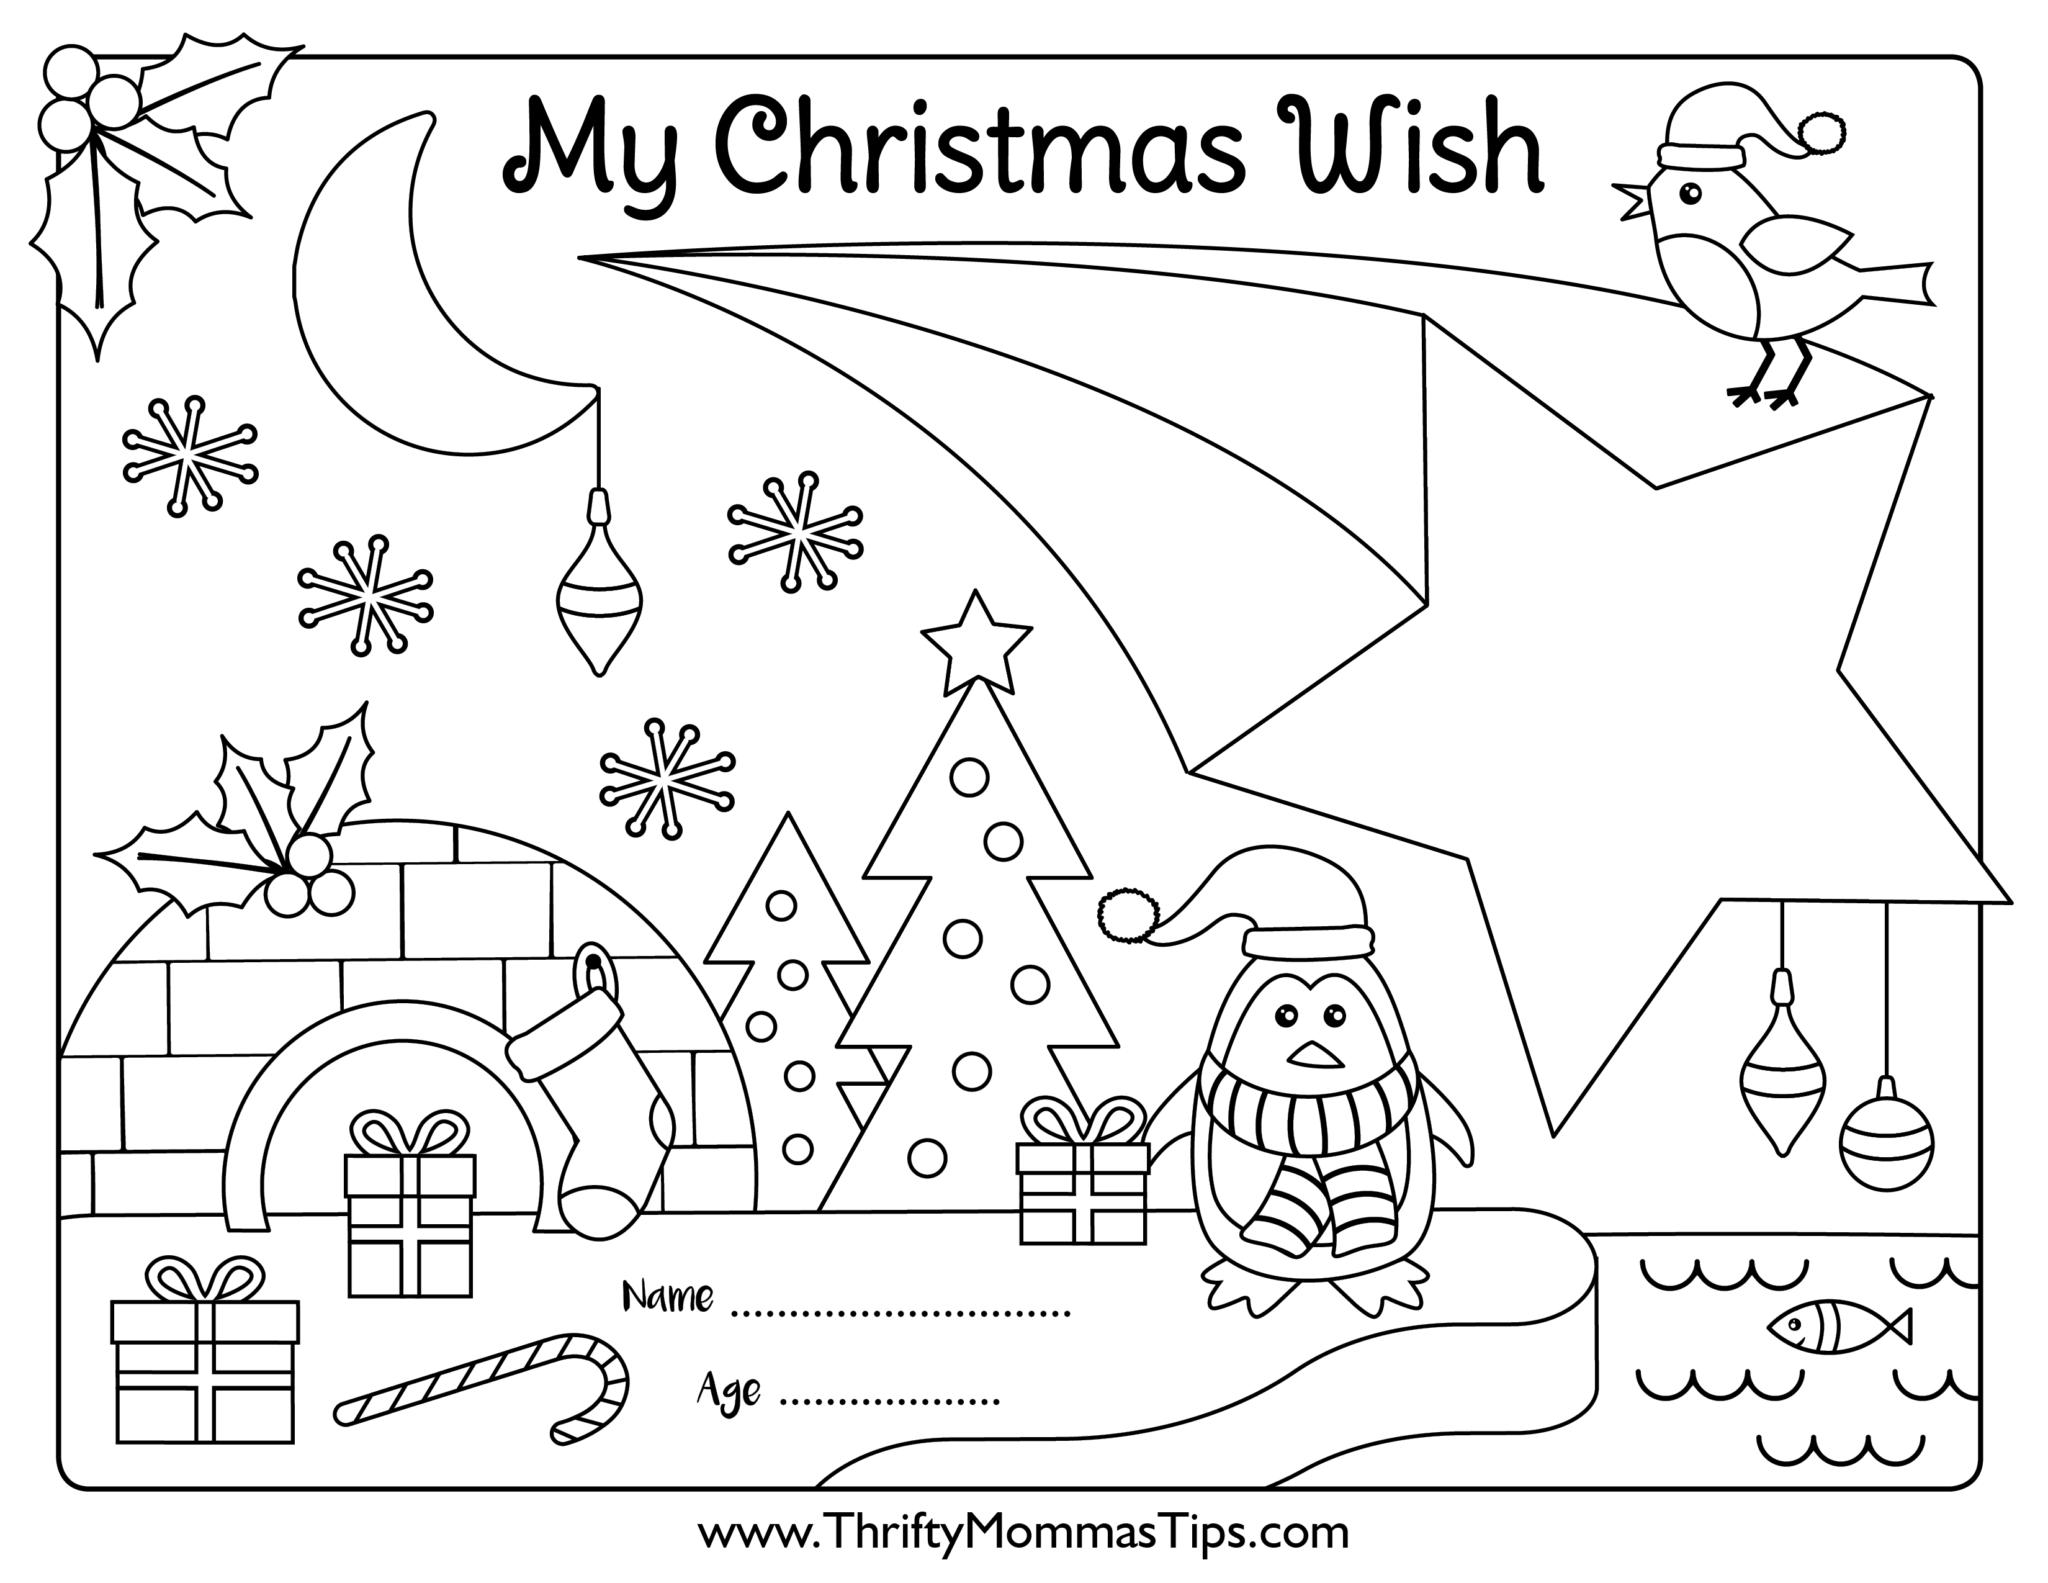 wish list printable for kids